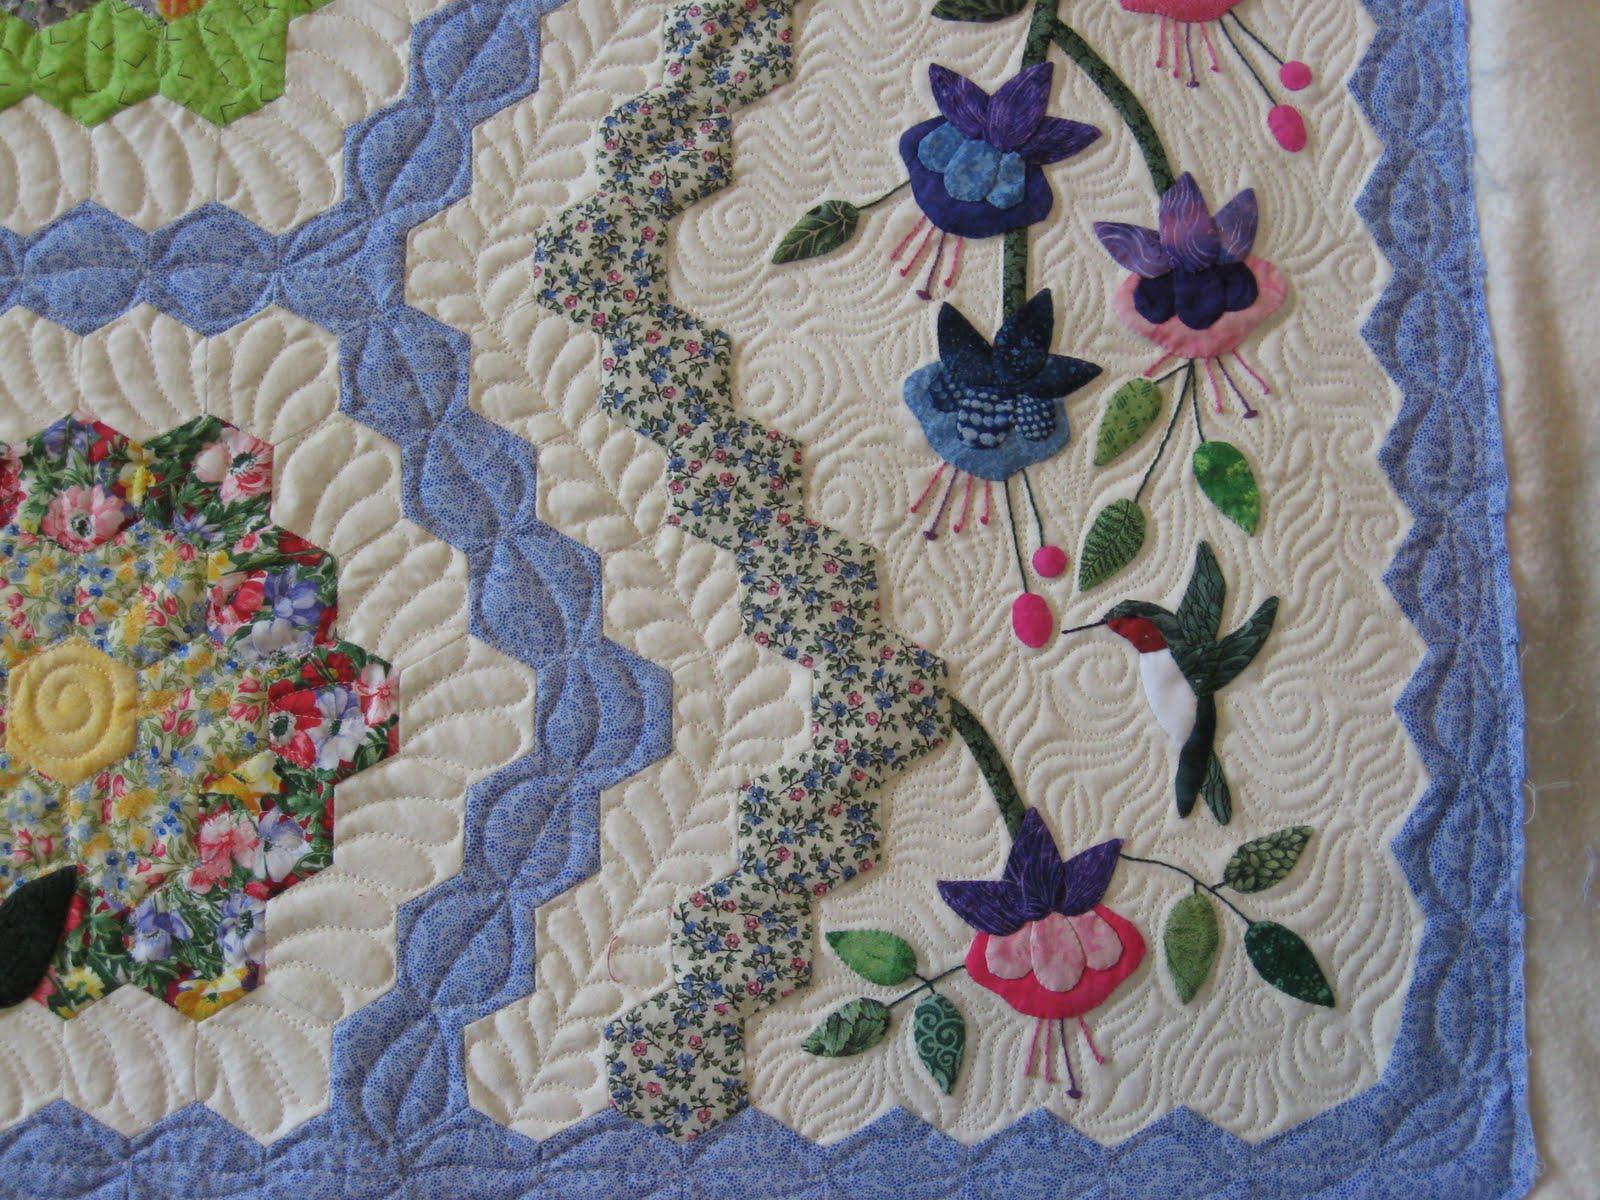 Artistic Quilting: Amazing Applique Quilt